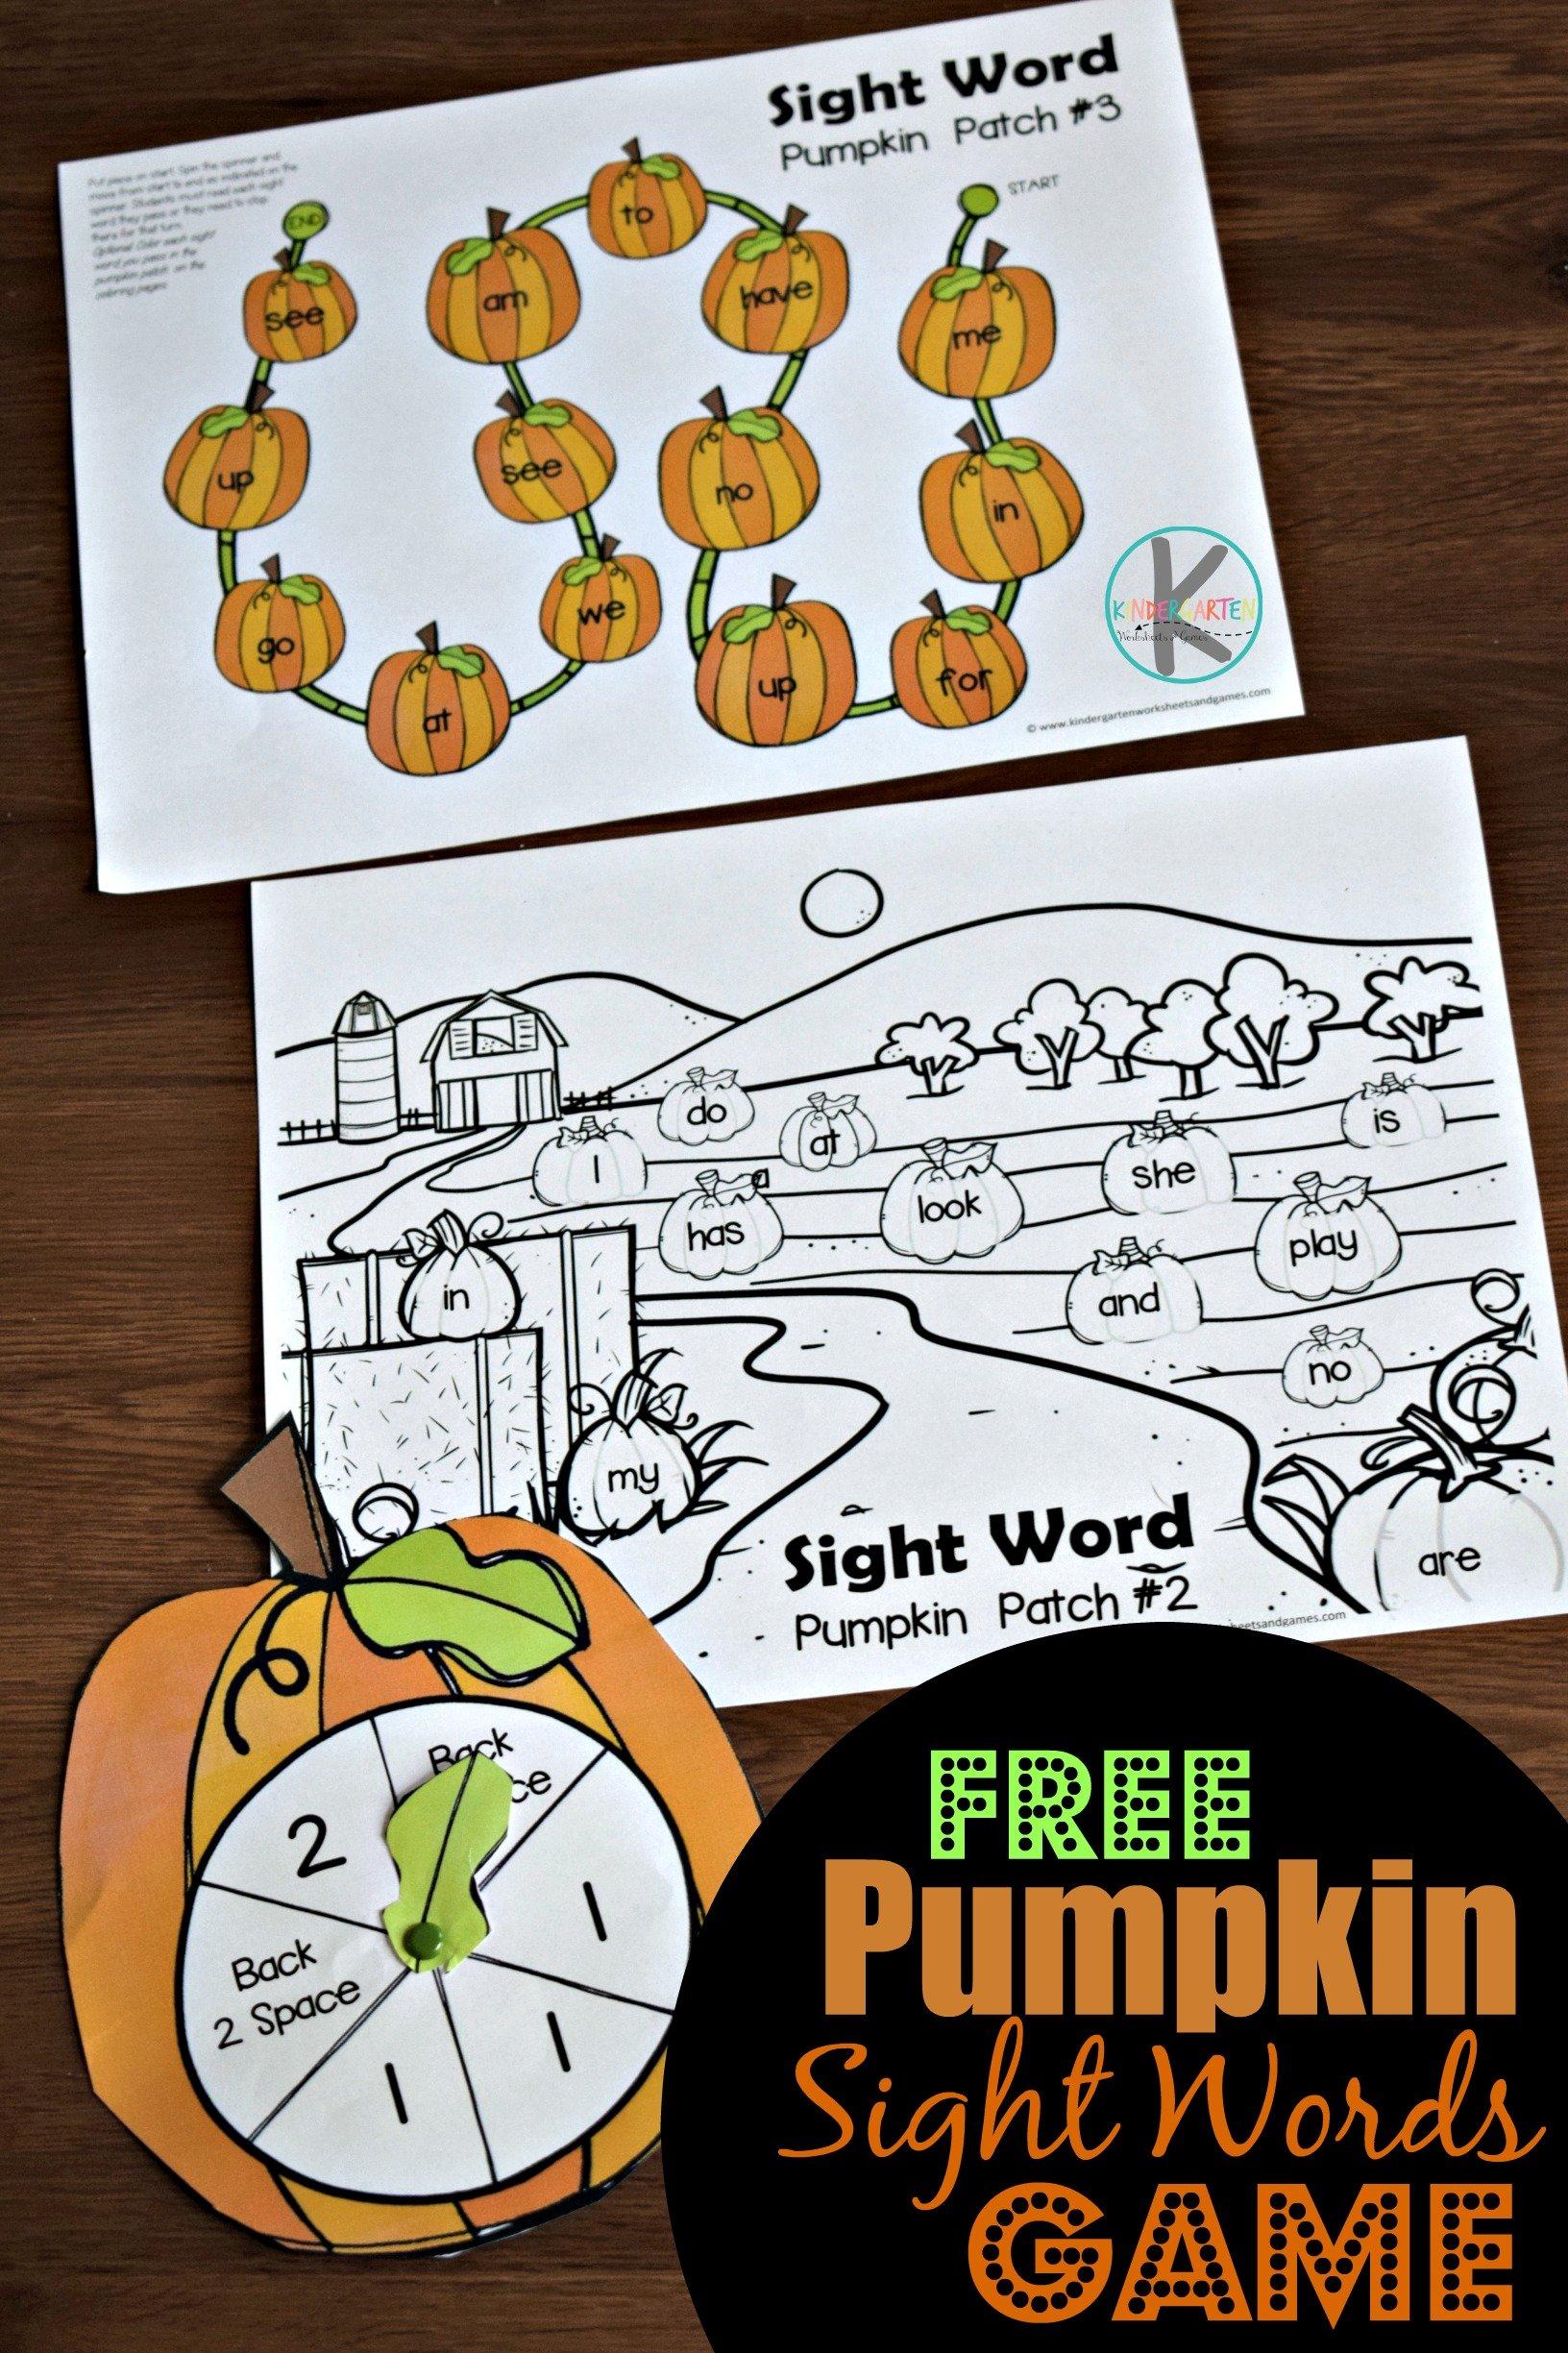 Pumpkin Sight Words game